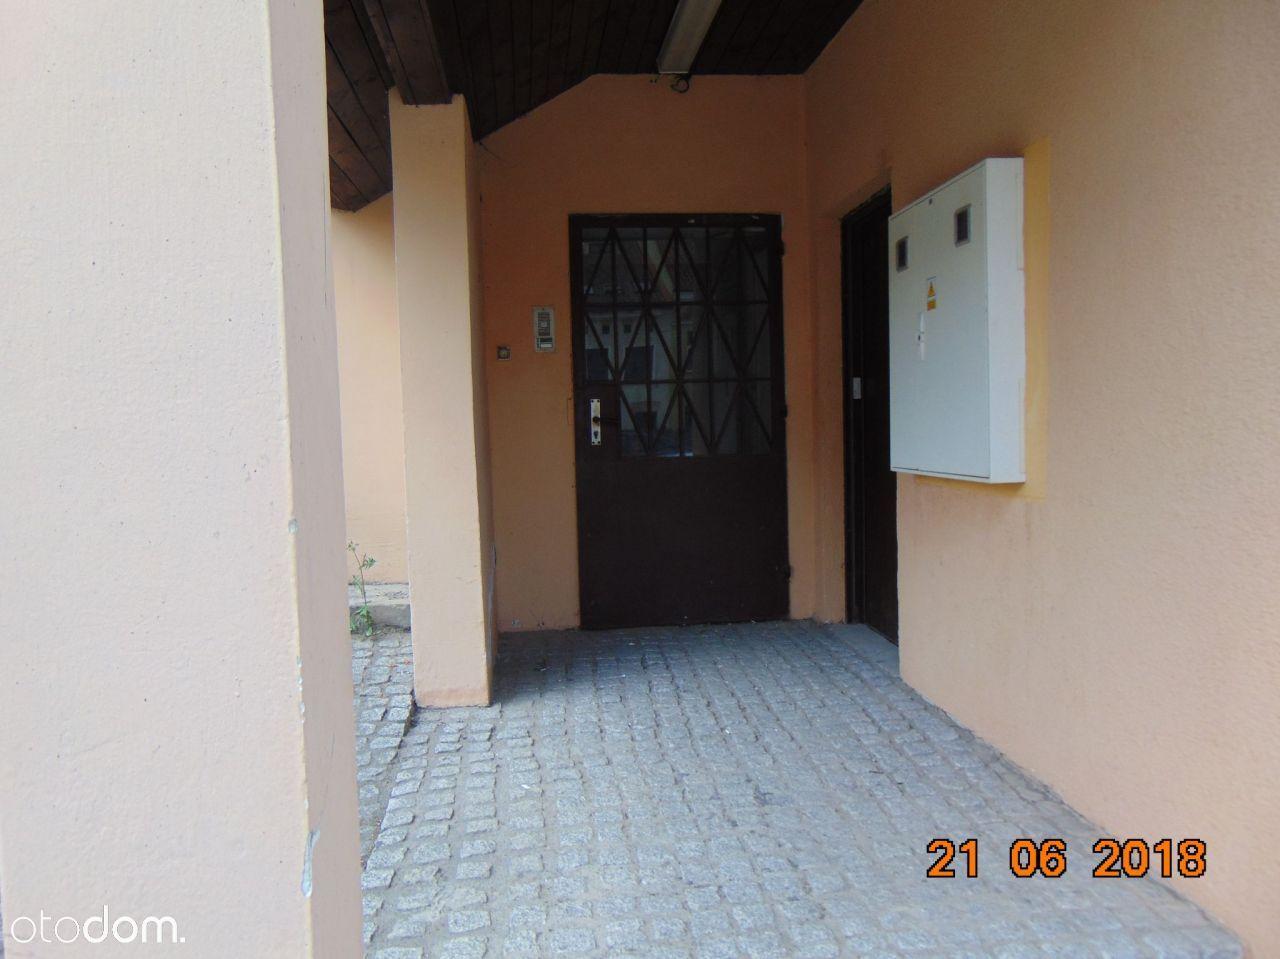 Lokal użytkowy na sprzedaż, Reszel, kętrzyński, warmińsko-mazurskie - Foto 10